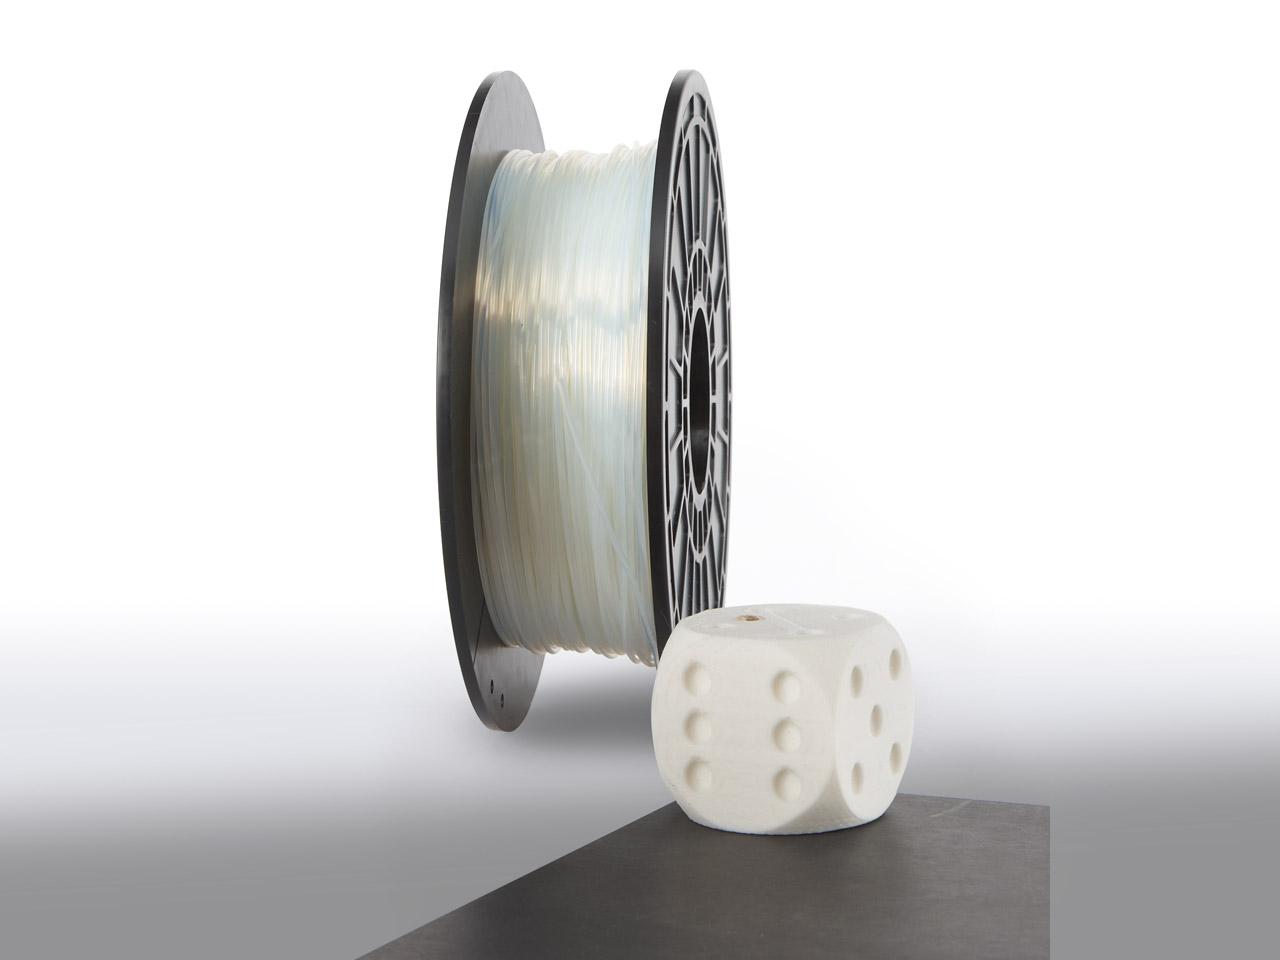 Imprimante dremel 3d filament pla 1 75 mm translucide - Imprimante 3d dremel ...